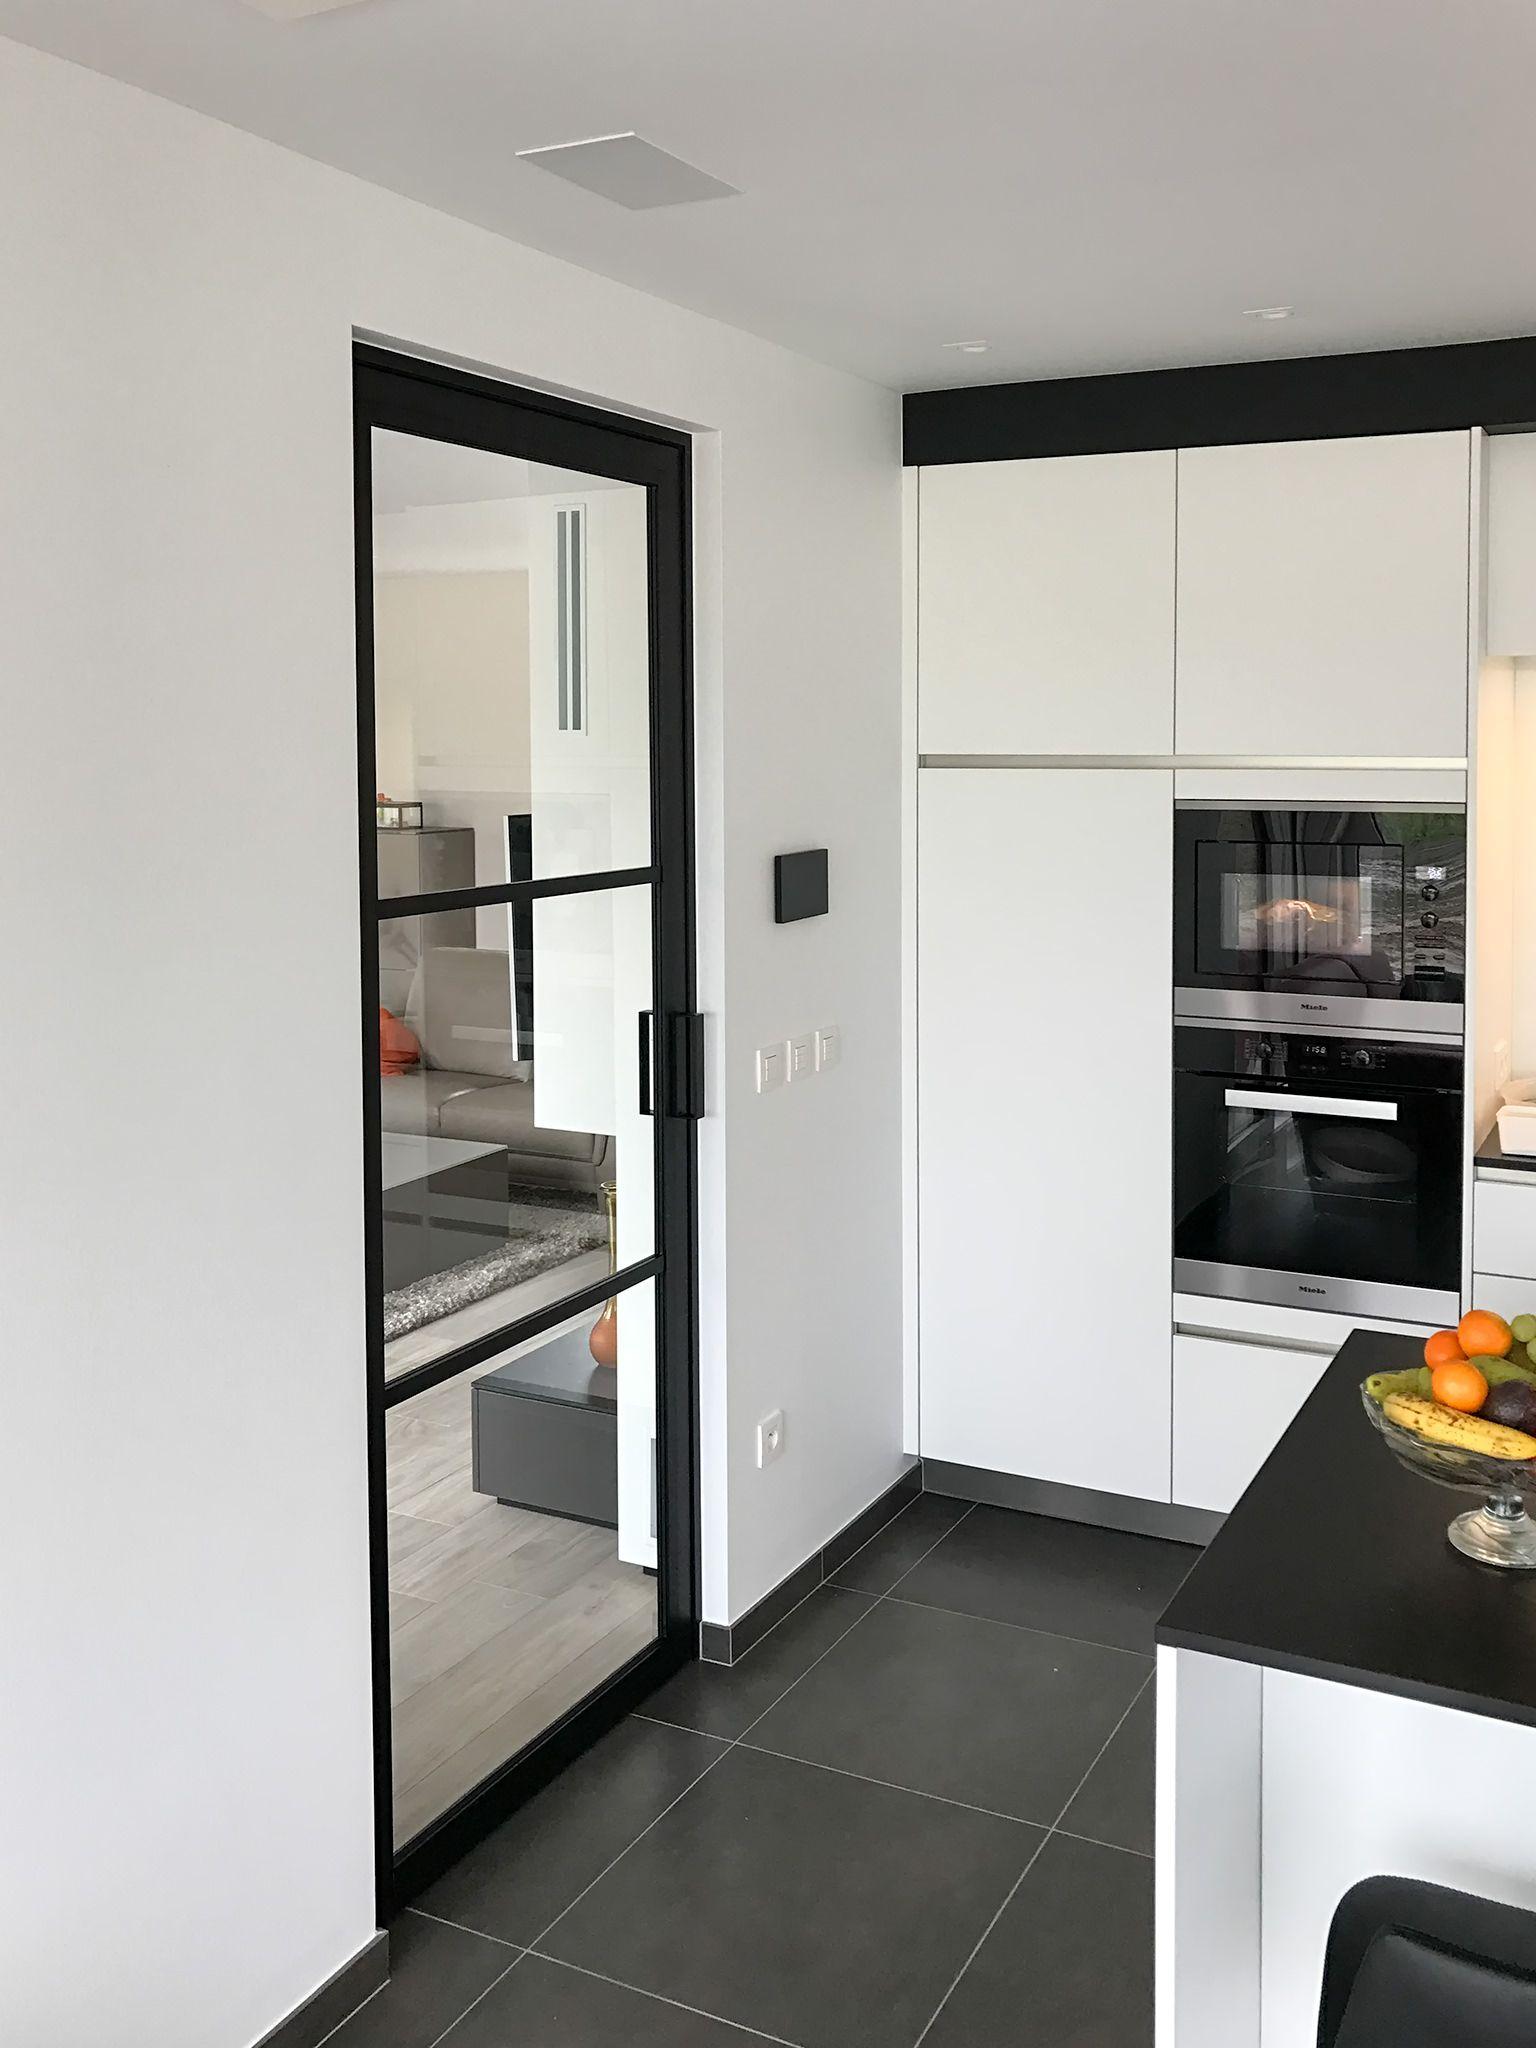 Moderne stalen deur tussen keuken en woonkamer  inkomhal